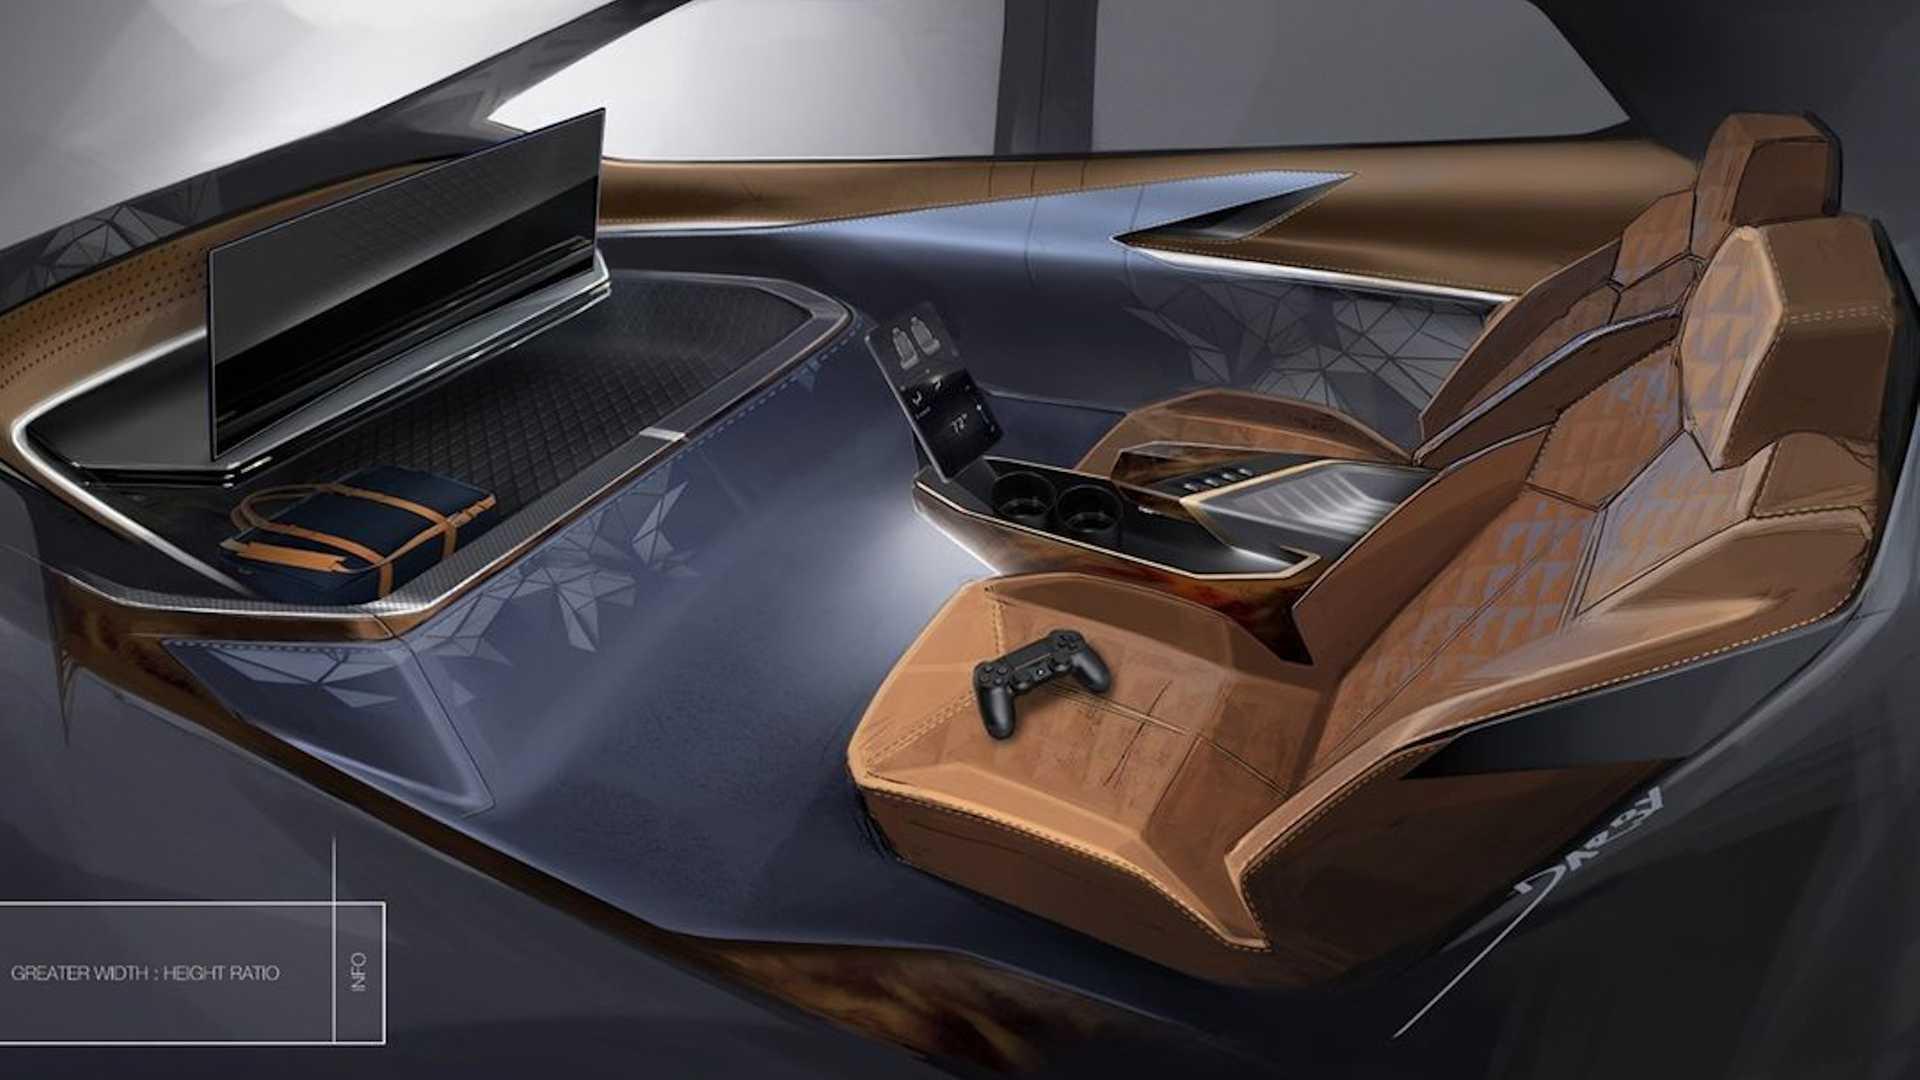 Посмотрите на интерьер автомобиля со встроенной игровой приставкой